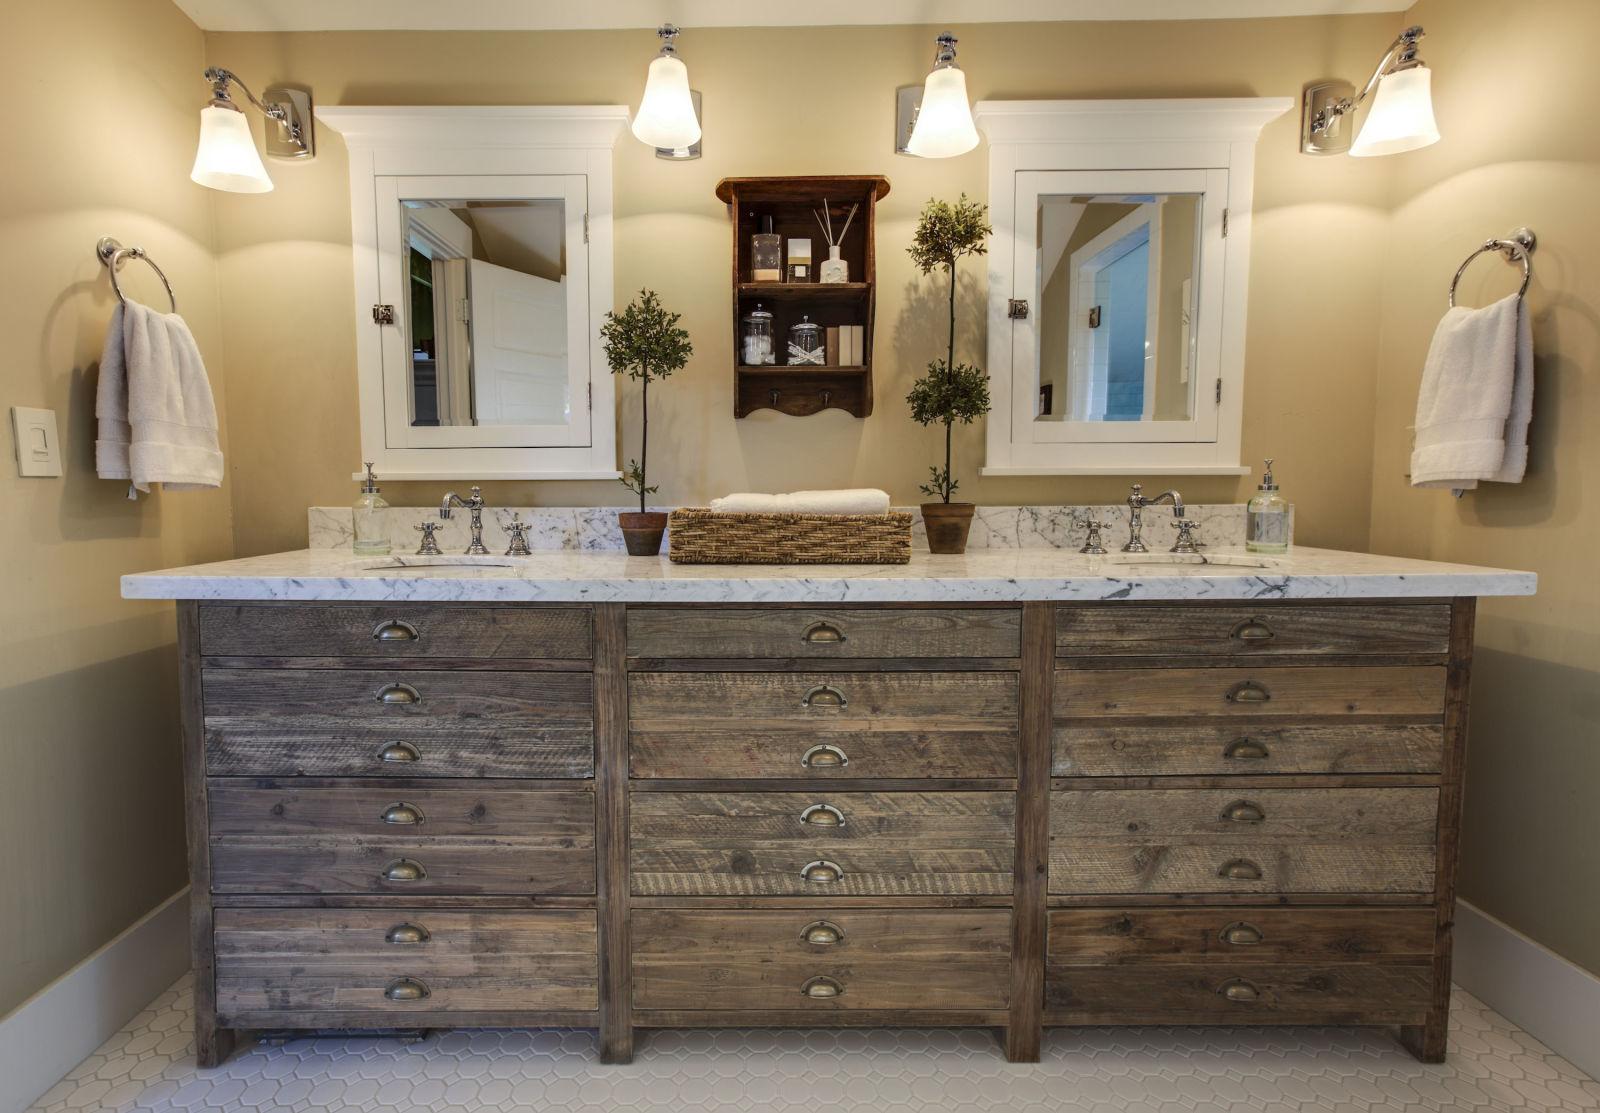 11 modi astuti per organizzare un bagno a prova di beauty routine